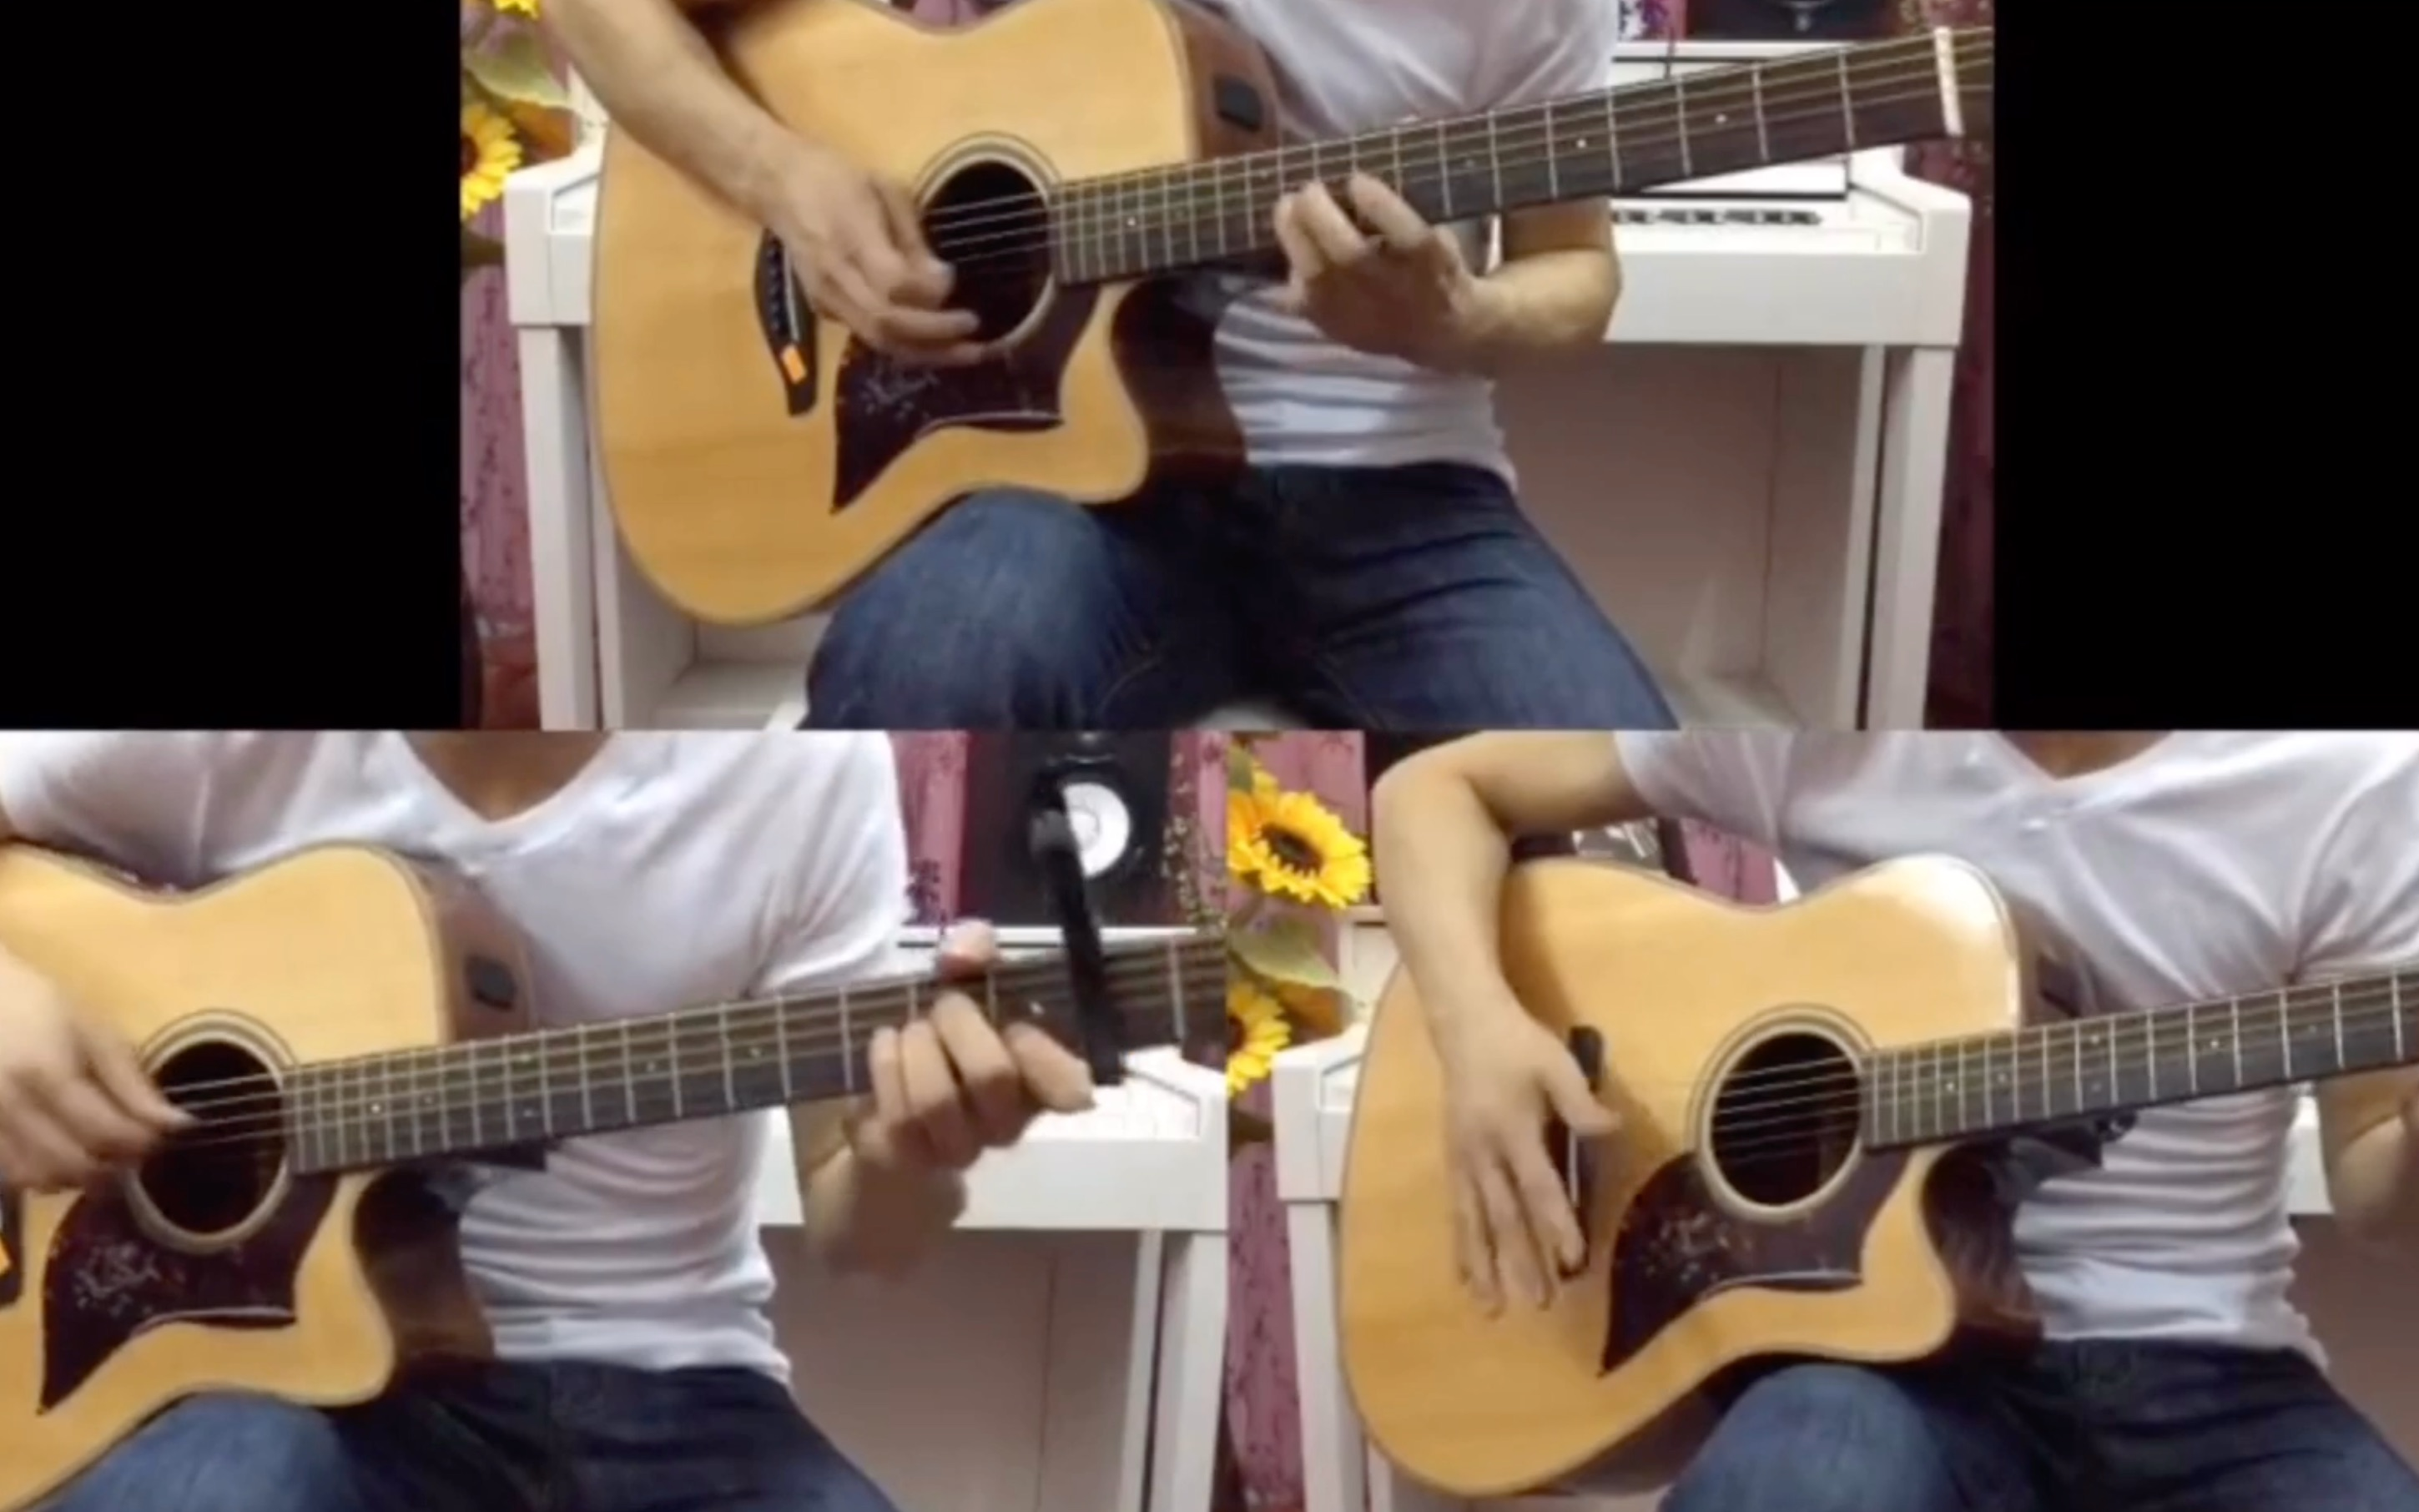 【吉他】自己一人用吉他分为三个角色来演奏《友情岁月》会是什么感受呢?_哔哩哔哩 (゜-゜)つロ 干杯~-bilibili